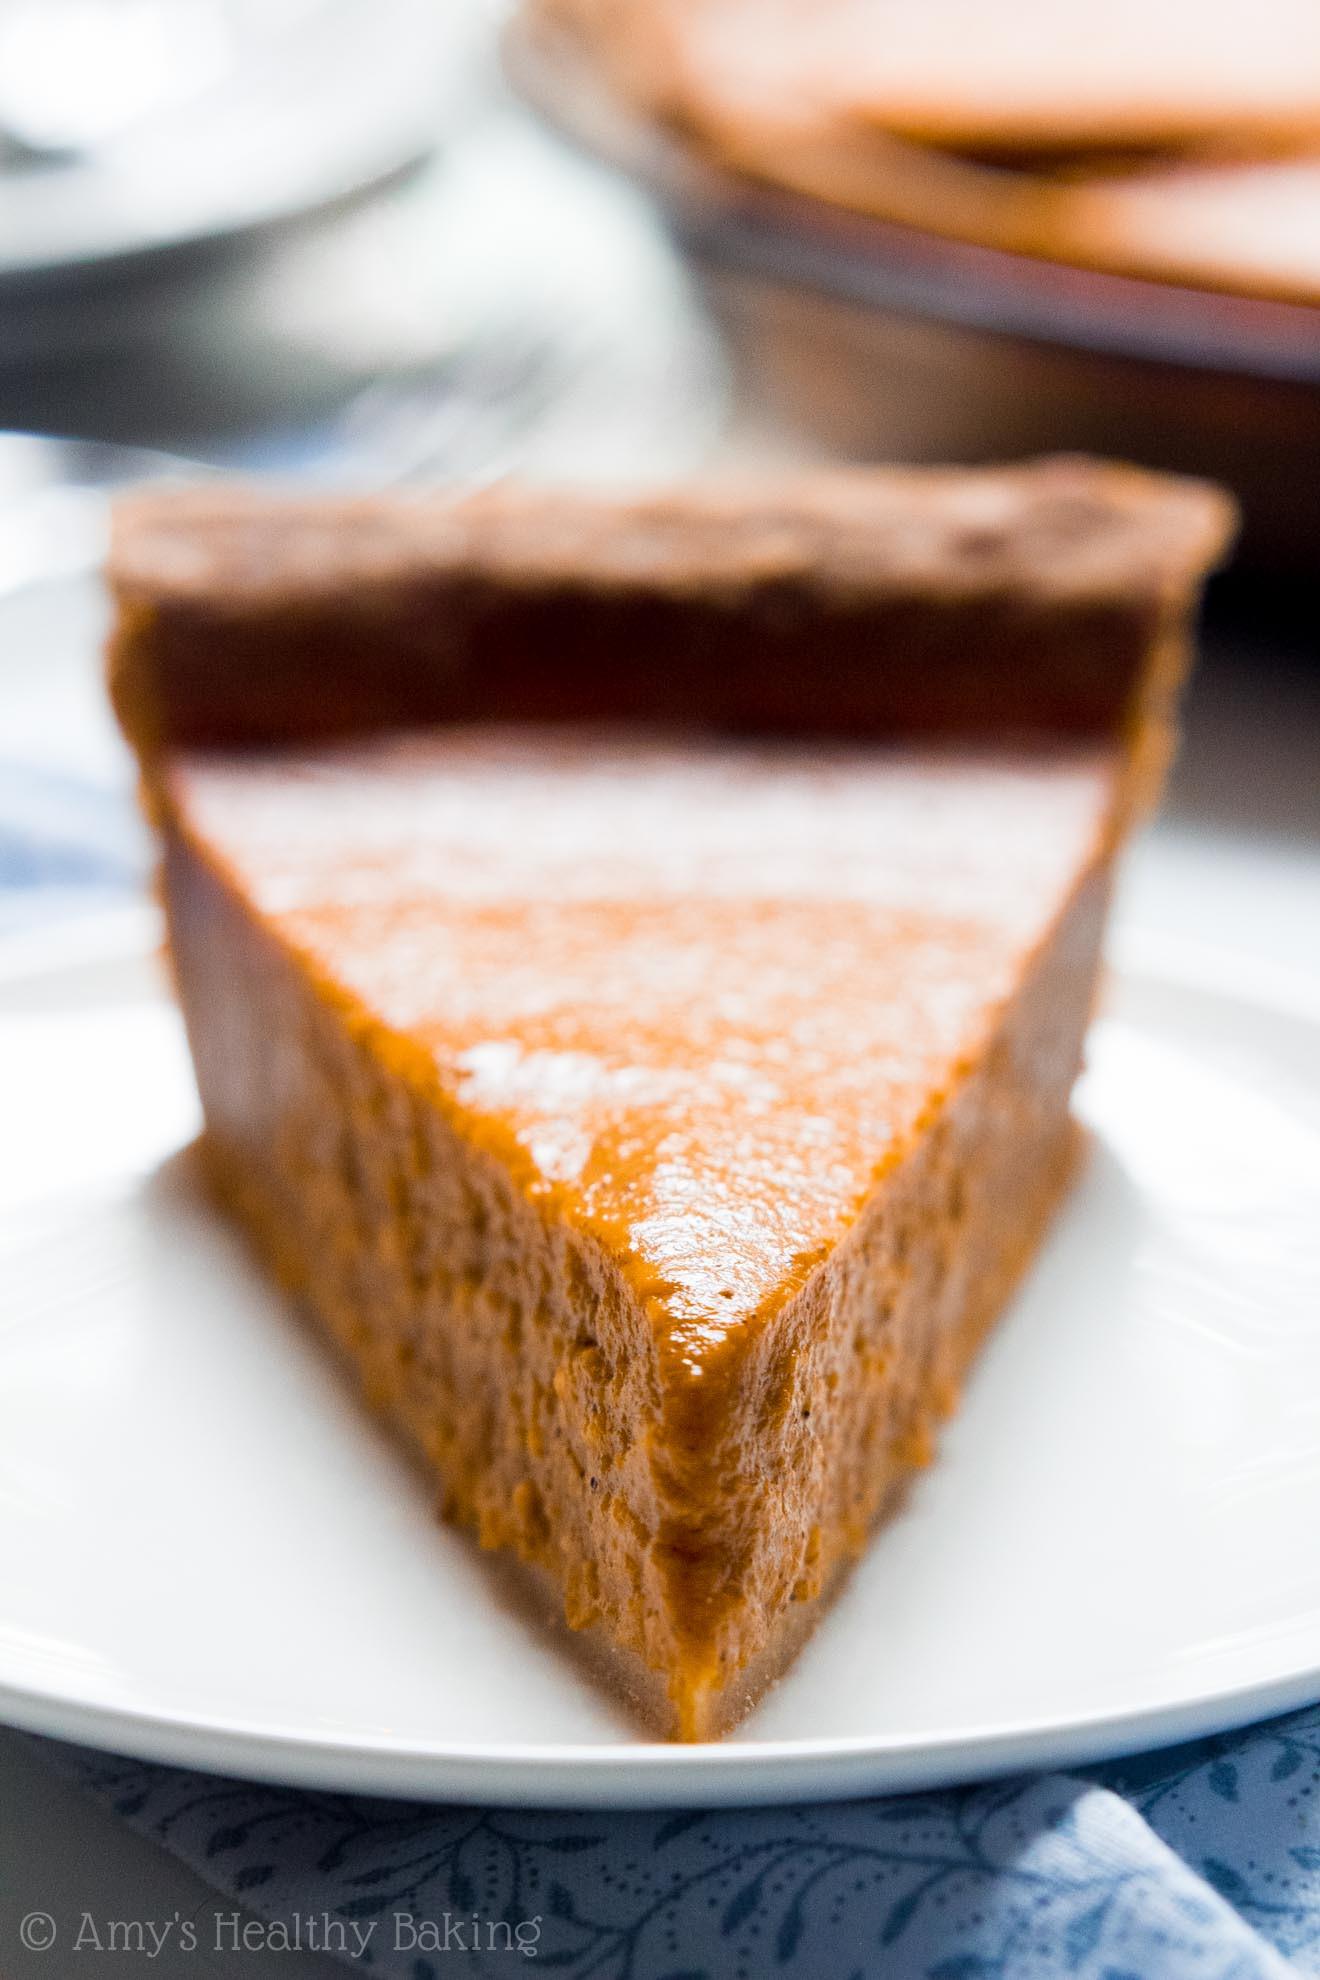 Healthy Pumpkin Pie Recipes  The Ultimate Healthy Pumpkin Pie